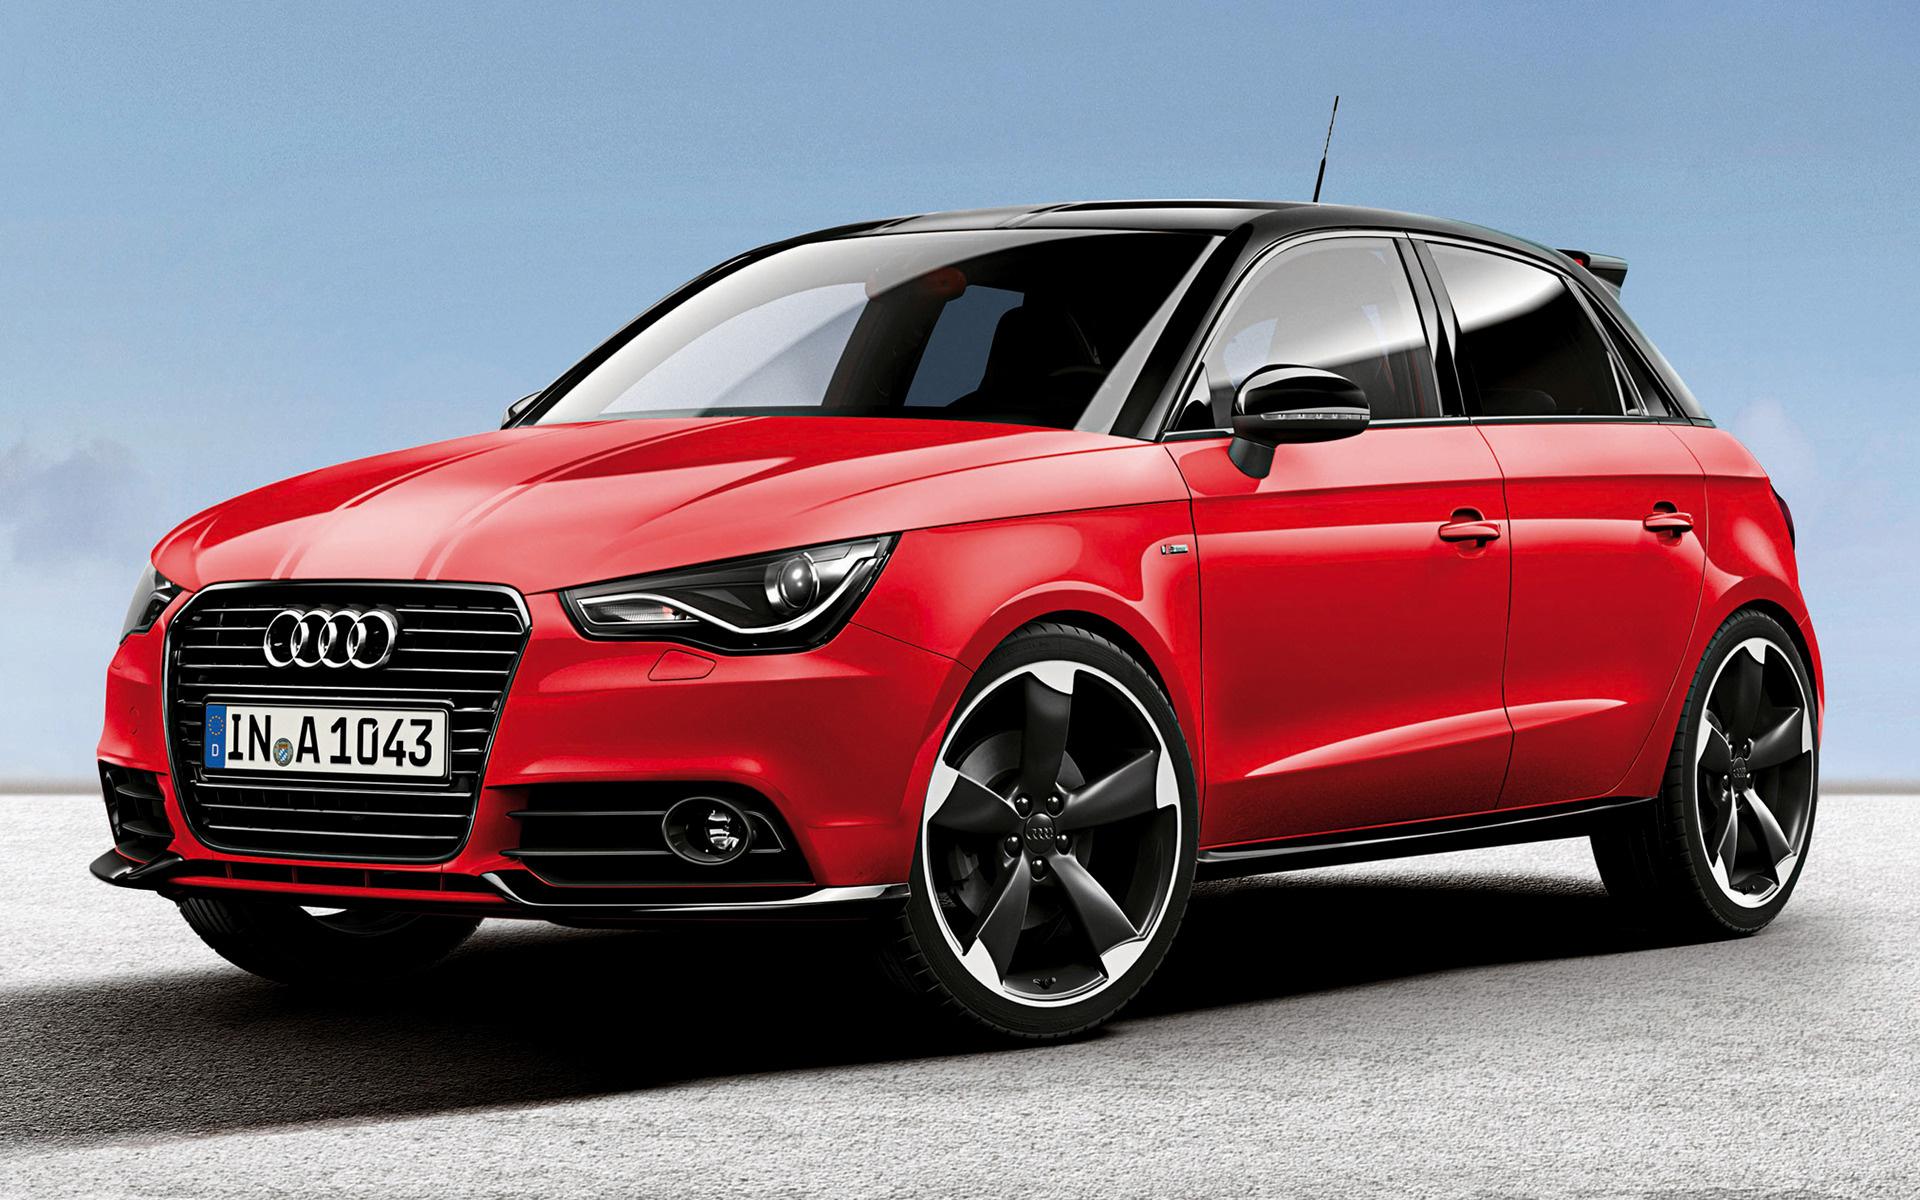 2012 Audi A1 Sportback Amplified